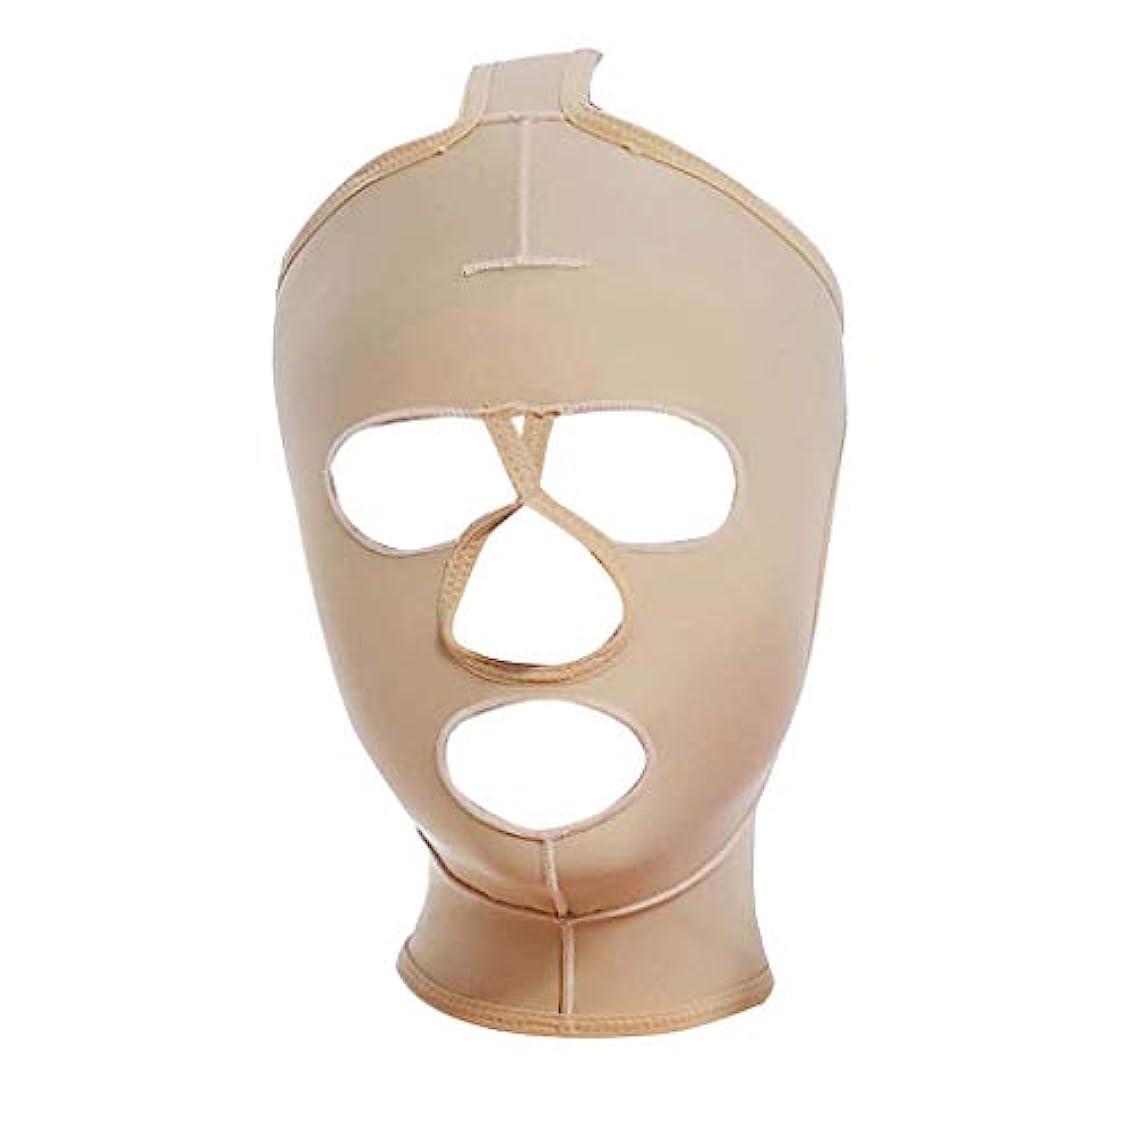 暴動心理学高齢者フェイス&ネックリフト、減量フェイスマスク脂肪吸引術脂肪吸引術整形マスクフードフェイスリフティングアーティファクトVフェイスビームフェイス弾性スリーブ(サイズ:XXL),XXL